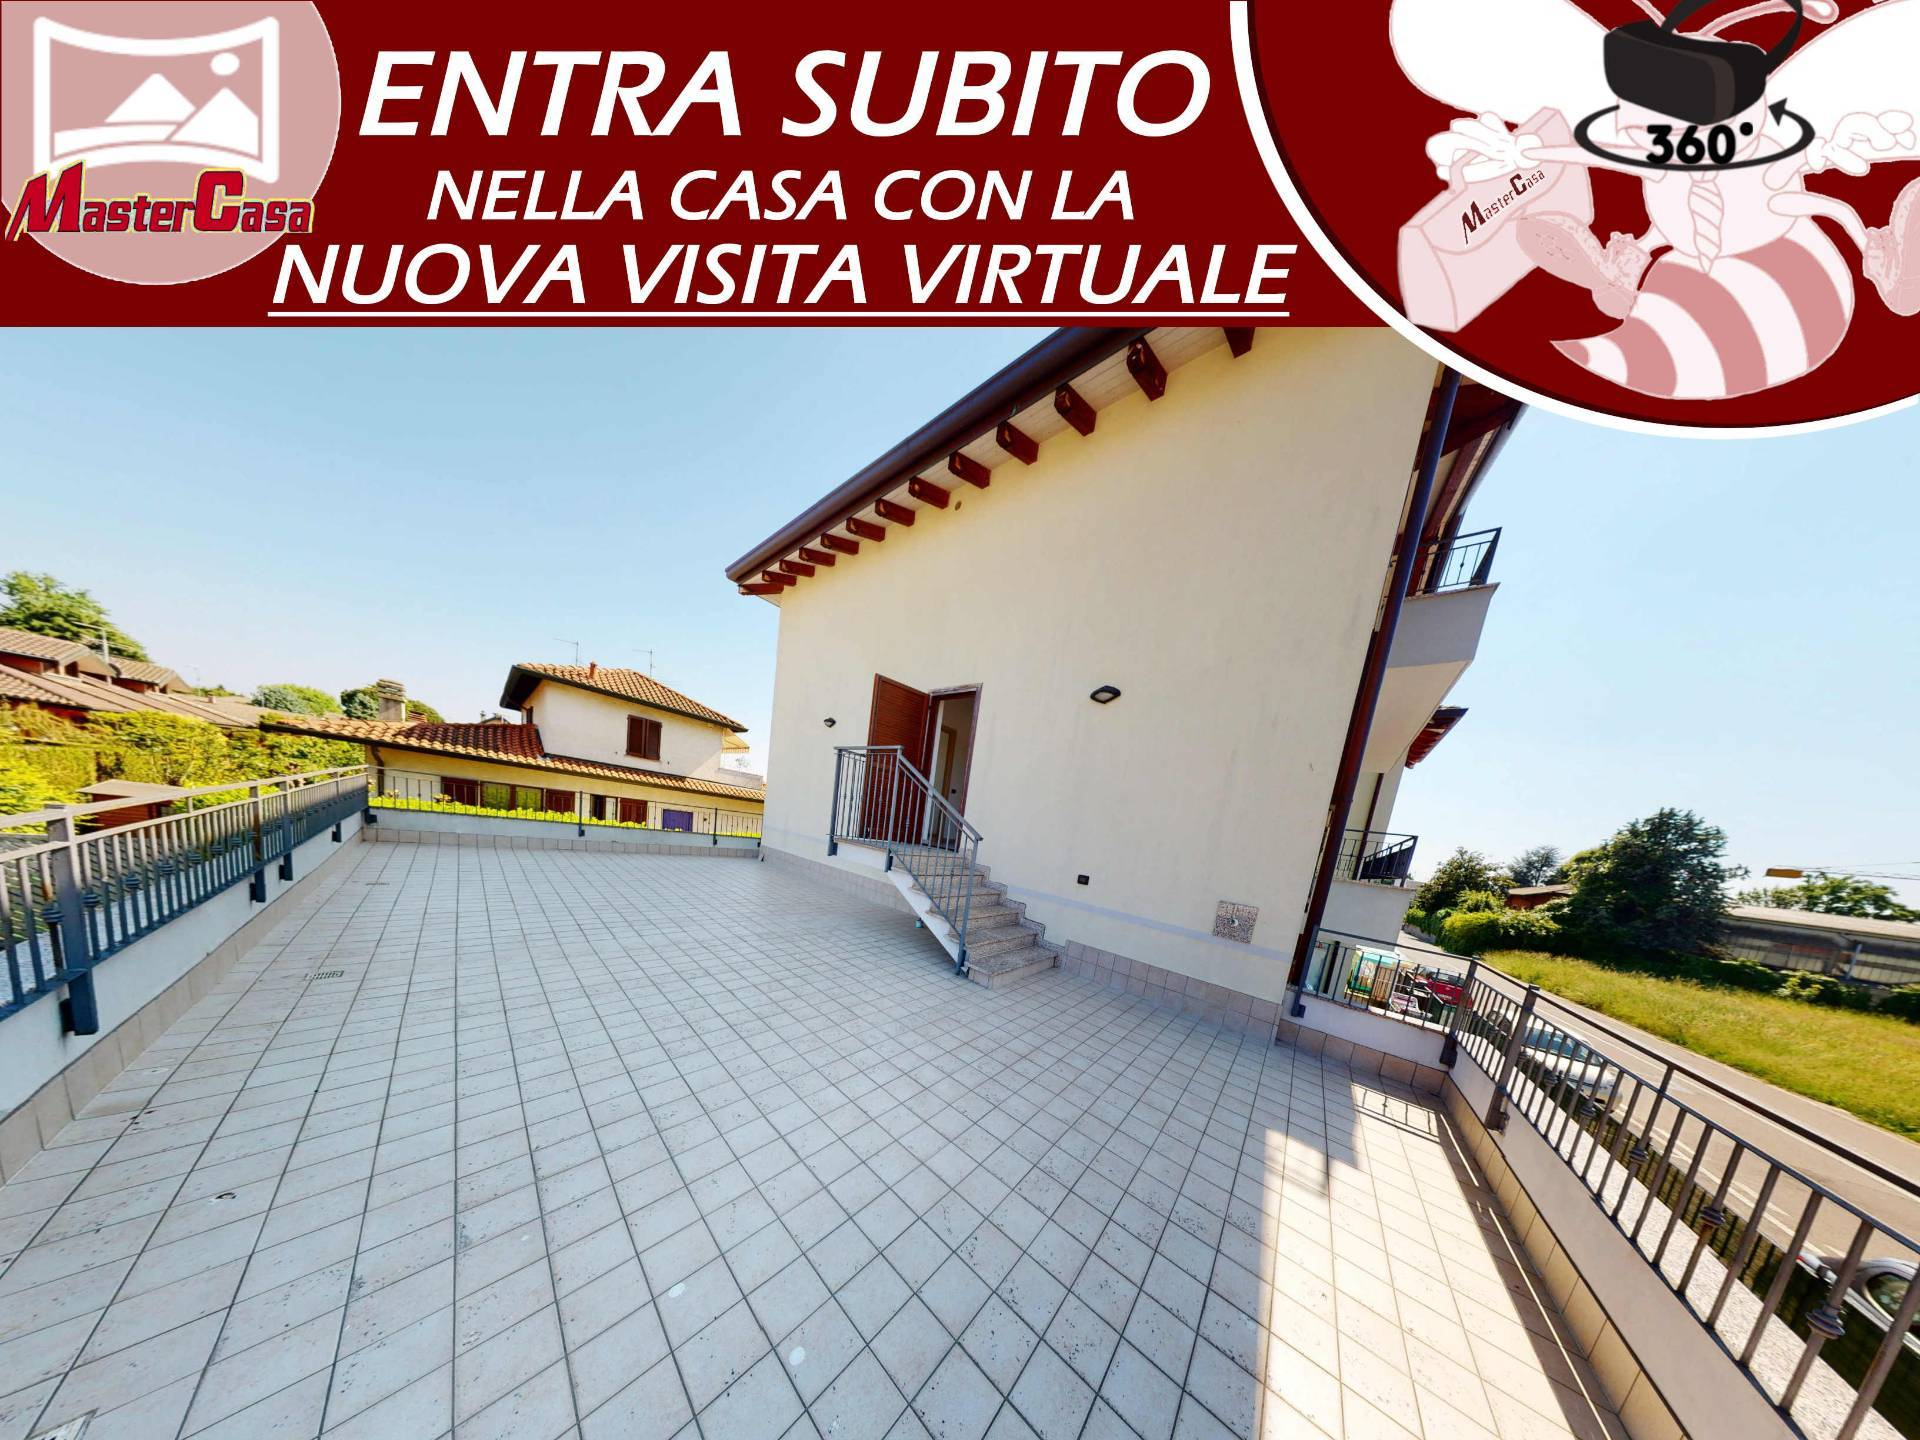 Appartamento in vendita a Tradate, 3 locali, zona Località: SEMI-CENTRO, prezzo € 199.000 | PortaleAgenzieImmobiliari.it